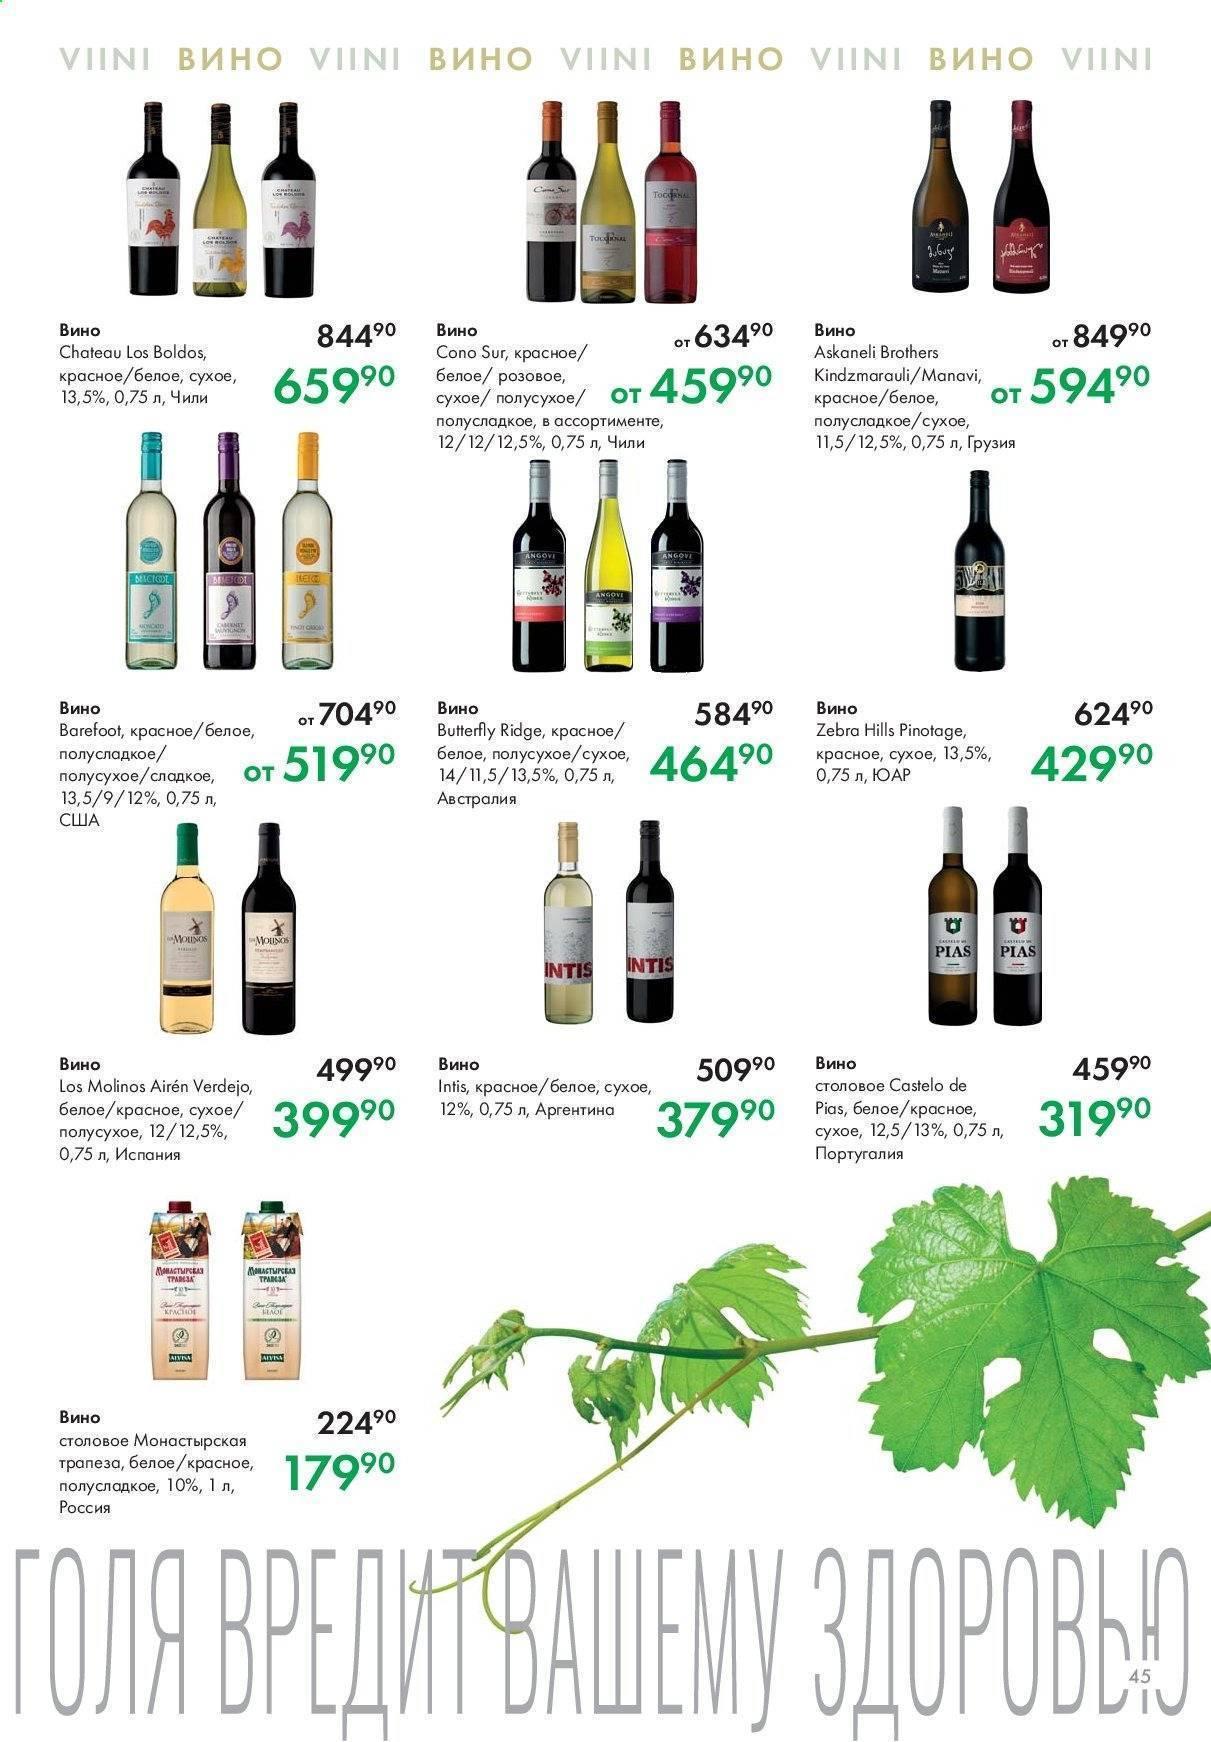 Чем отличается полусухое от сухого вина по данным [2018]: в чем разница между напитками?, что лучше употреблять, существенны ли различия   suhoy.guru